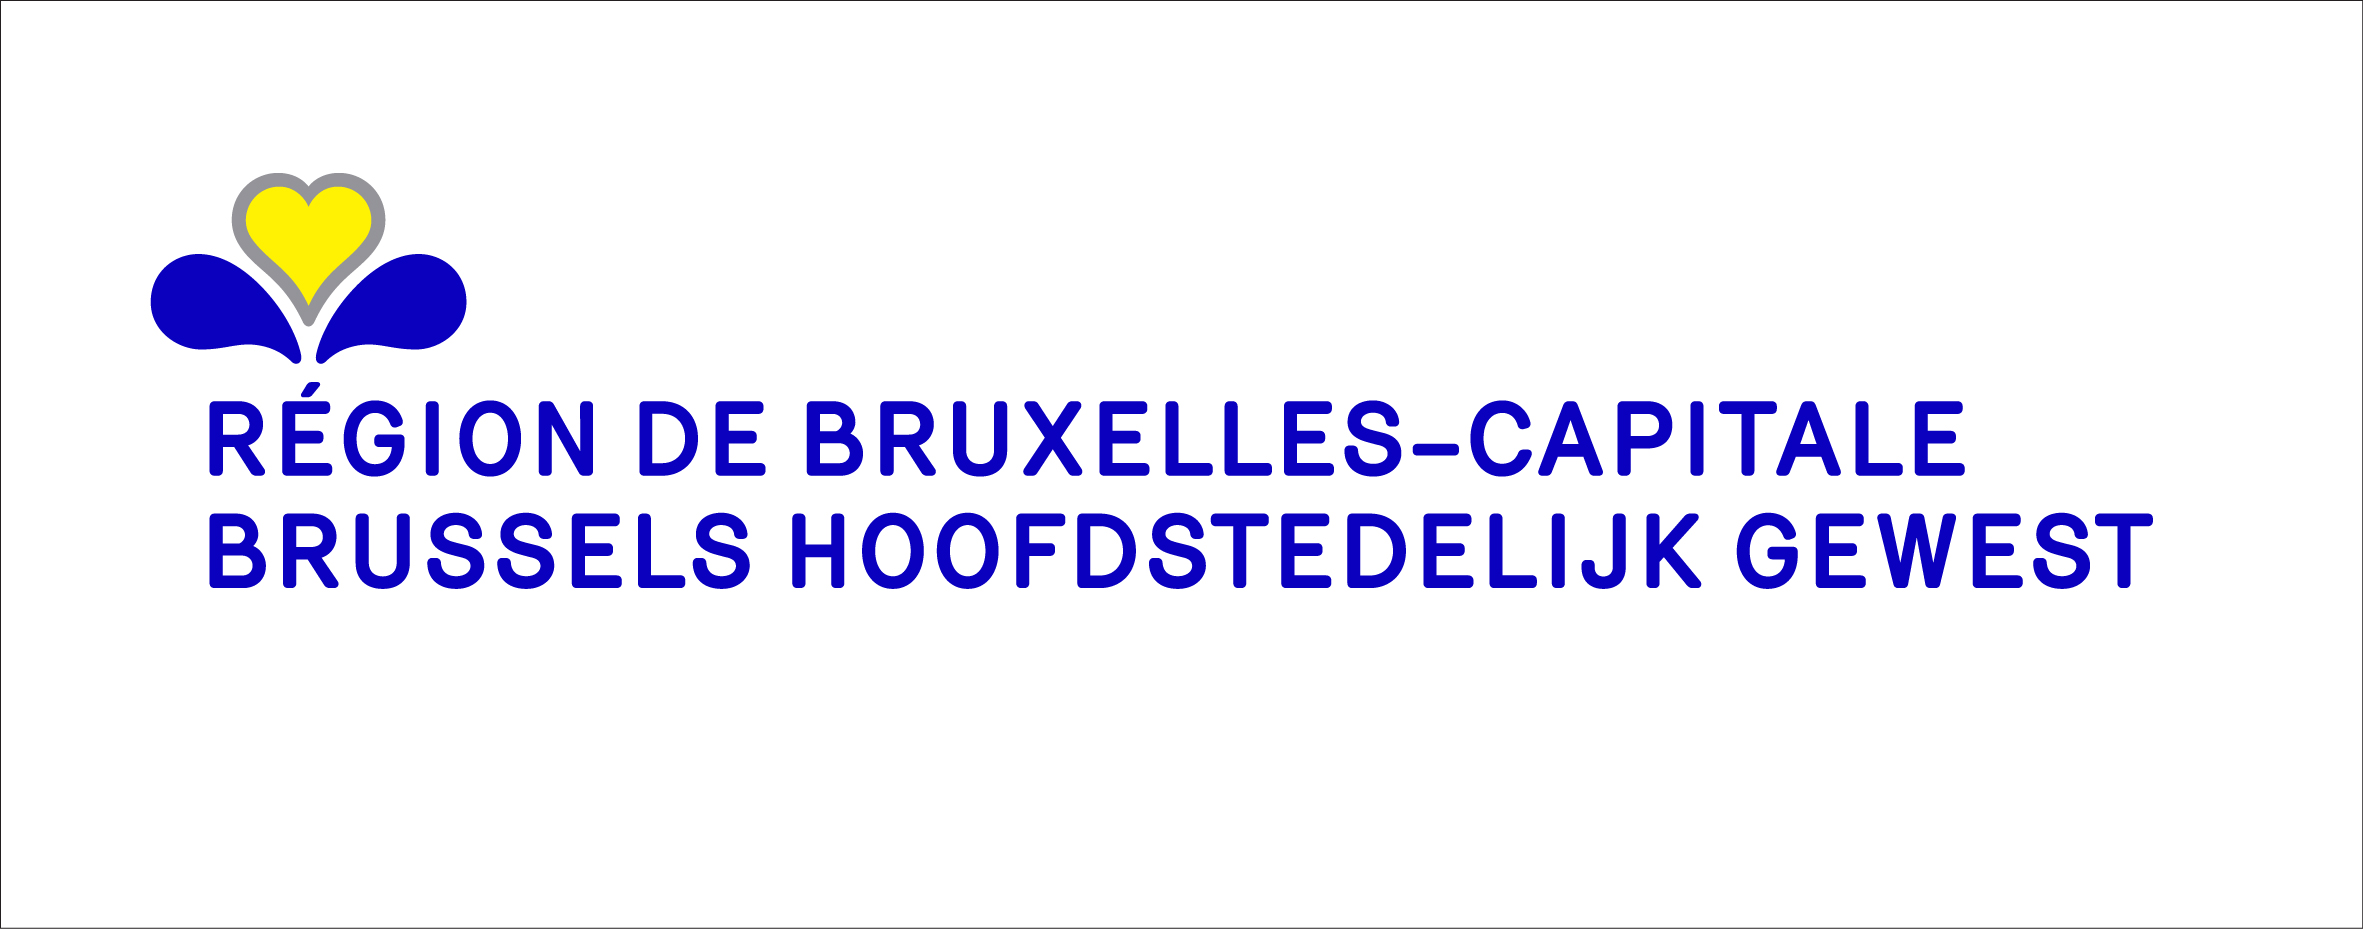 Logo: Brussels Hoofdstedelijk Gewest